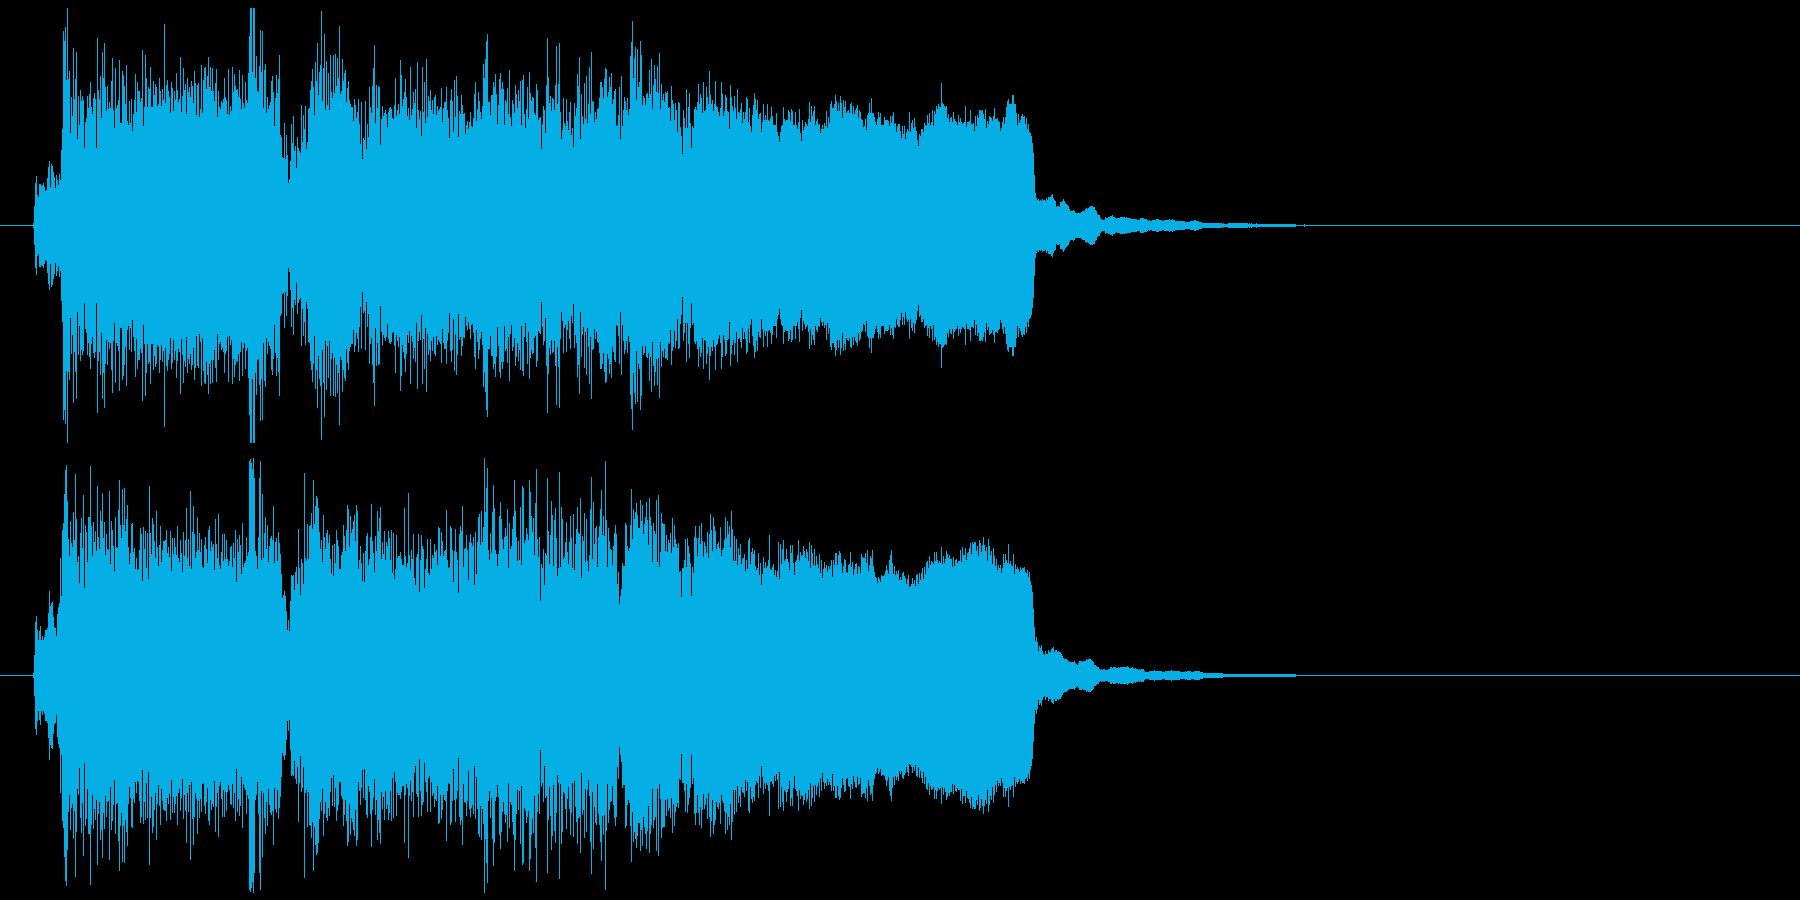 クラリネット生演奏の綺麗系サウンドロゴの再生済みの波形